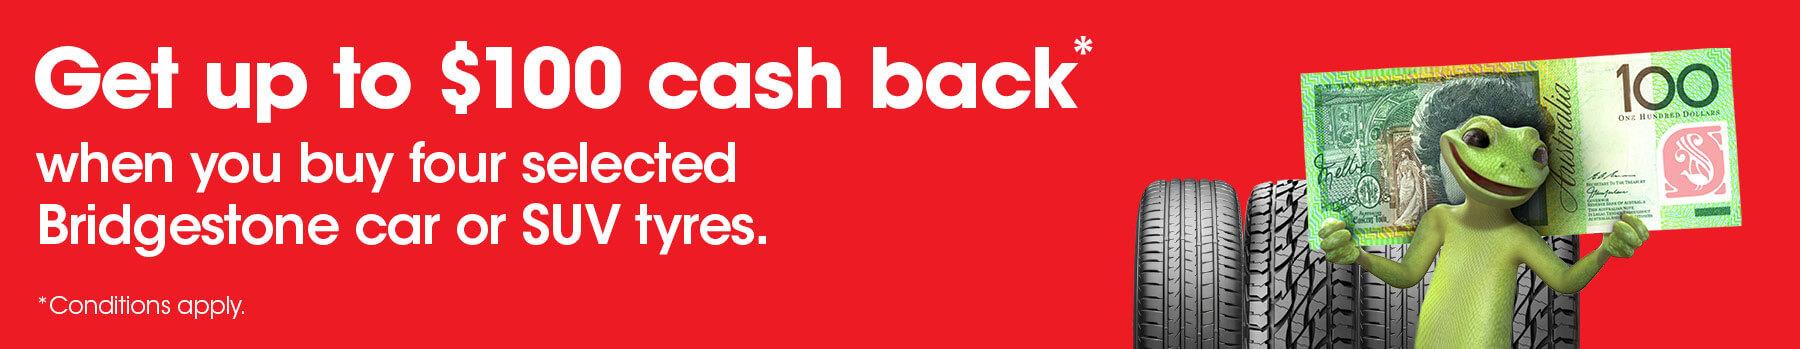 Get up to $100 cash back